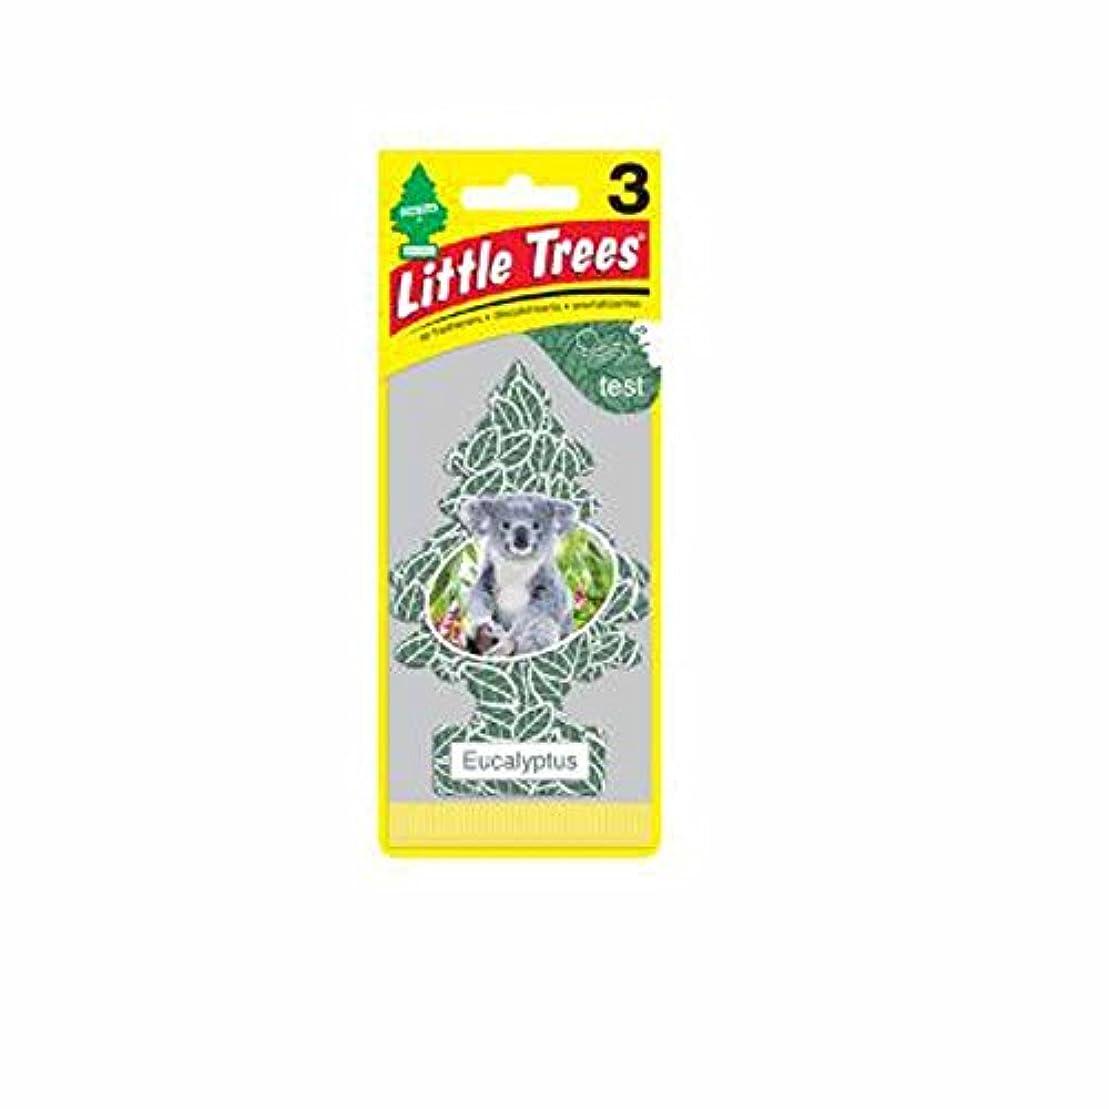 侵入ローブたっぷりLittle Trees 吊下げタイプ エアーフレッシュナー eucalyptus(ユーカリ) 3枚セット(3P) U3S-37365